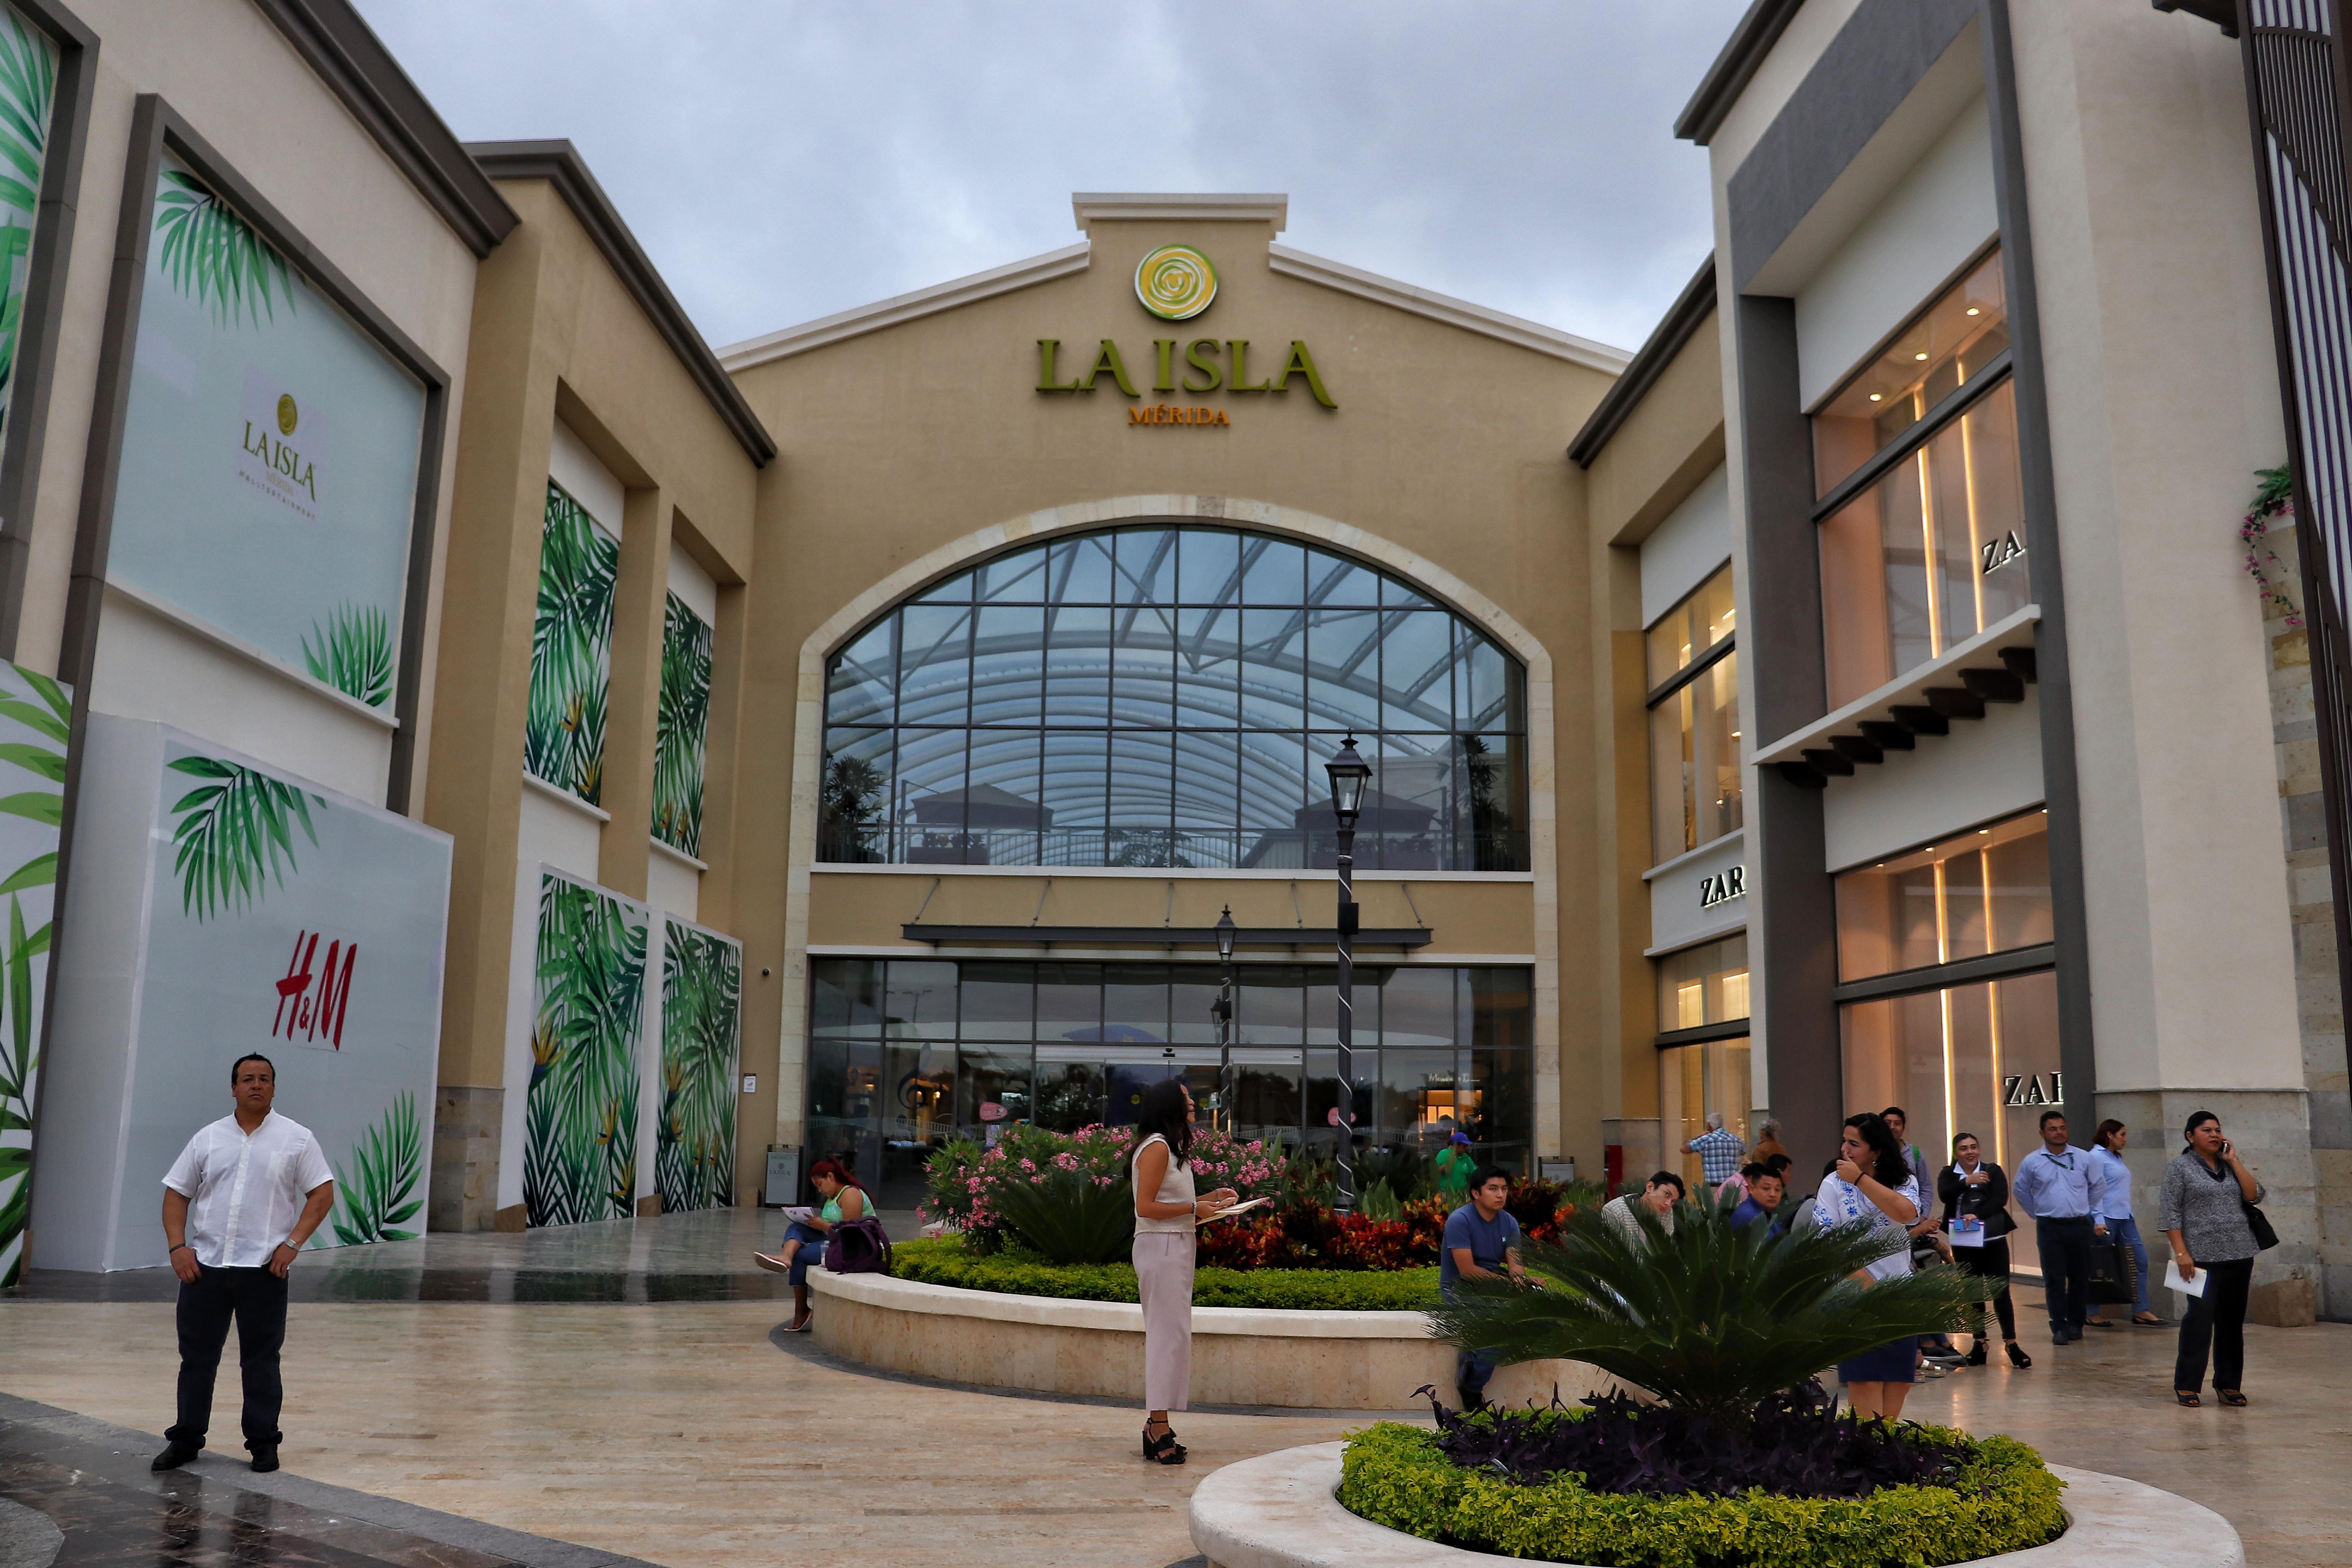 Gicsa abre su cuarto 'mega mall' en México con 2,500 mdp